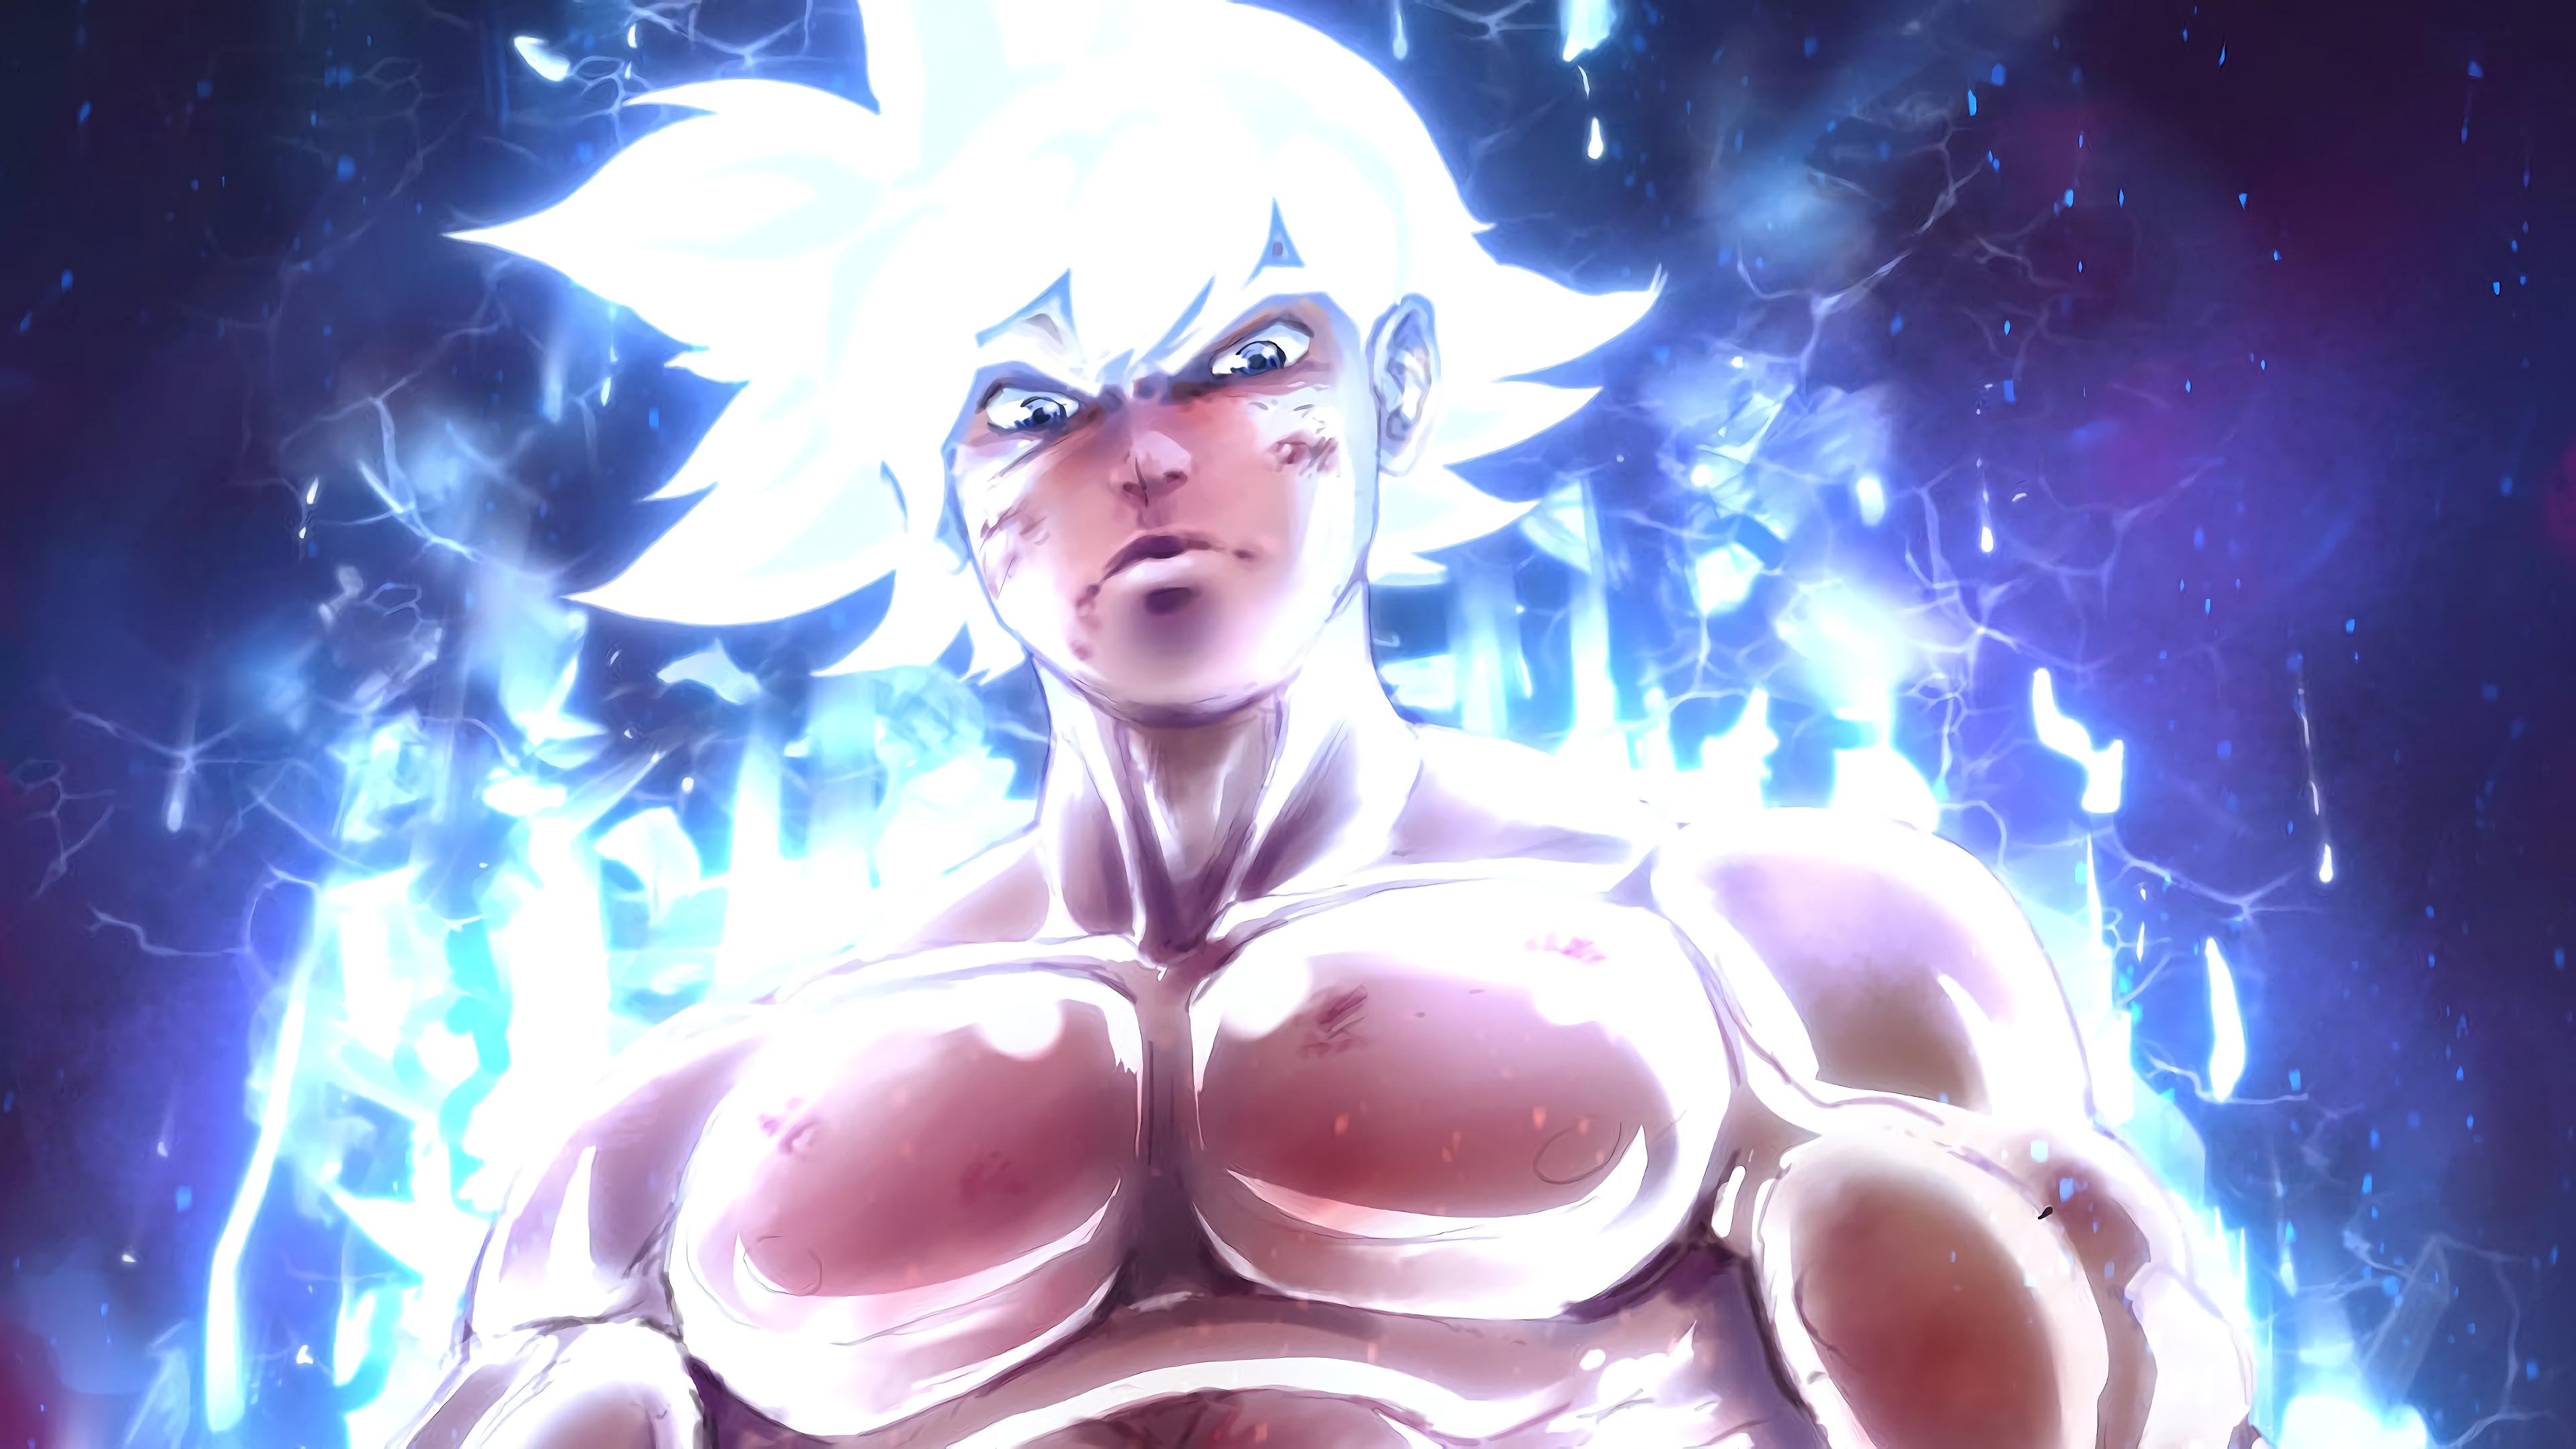 goku dragon ball super 4k anime 1541974729 - Goku Dragon Ball Super 4k Anime - hd-wallpapers, goku wallpapers, dragon ball wallpapers, dragon ball super wallpapers, anime wallpapers, 4k-wallpapers